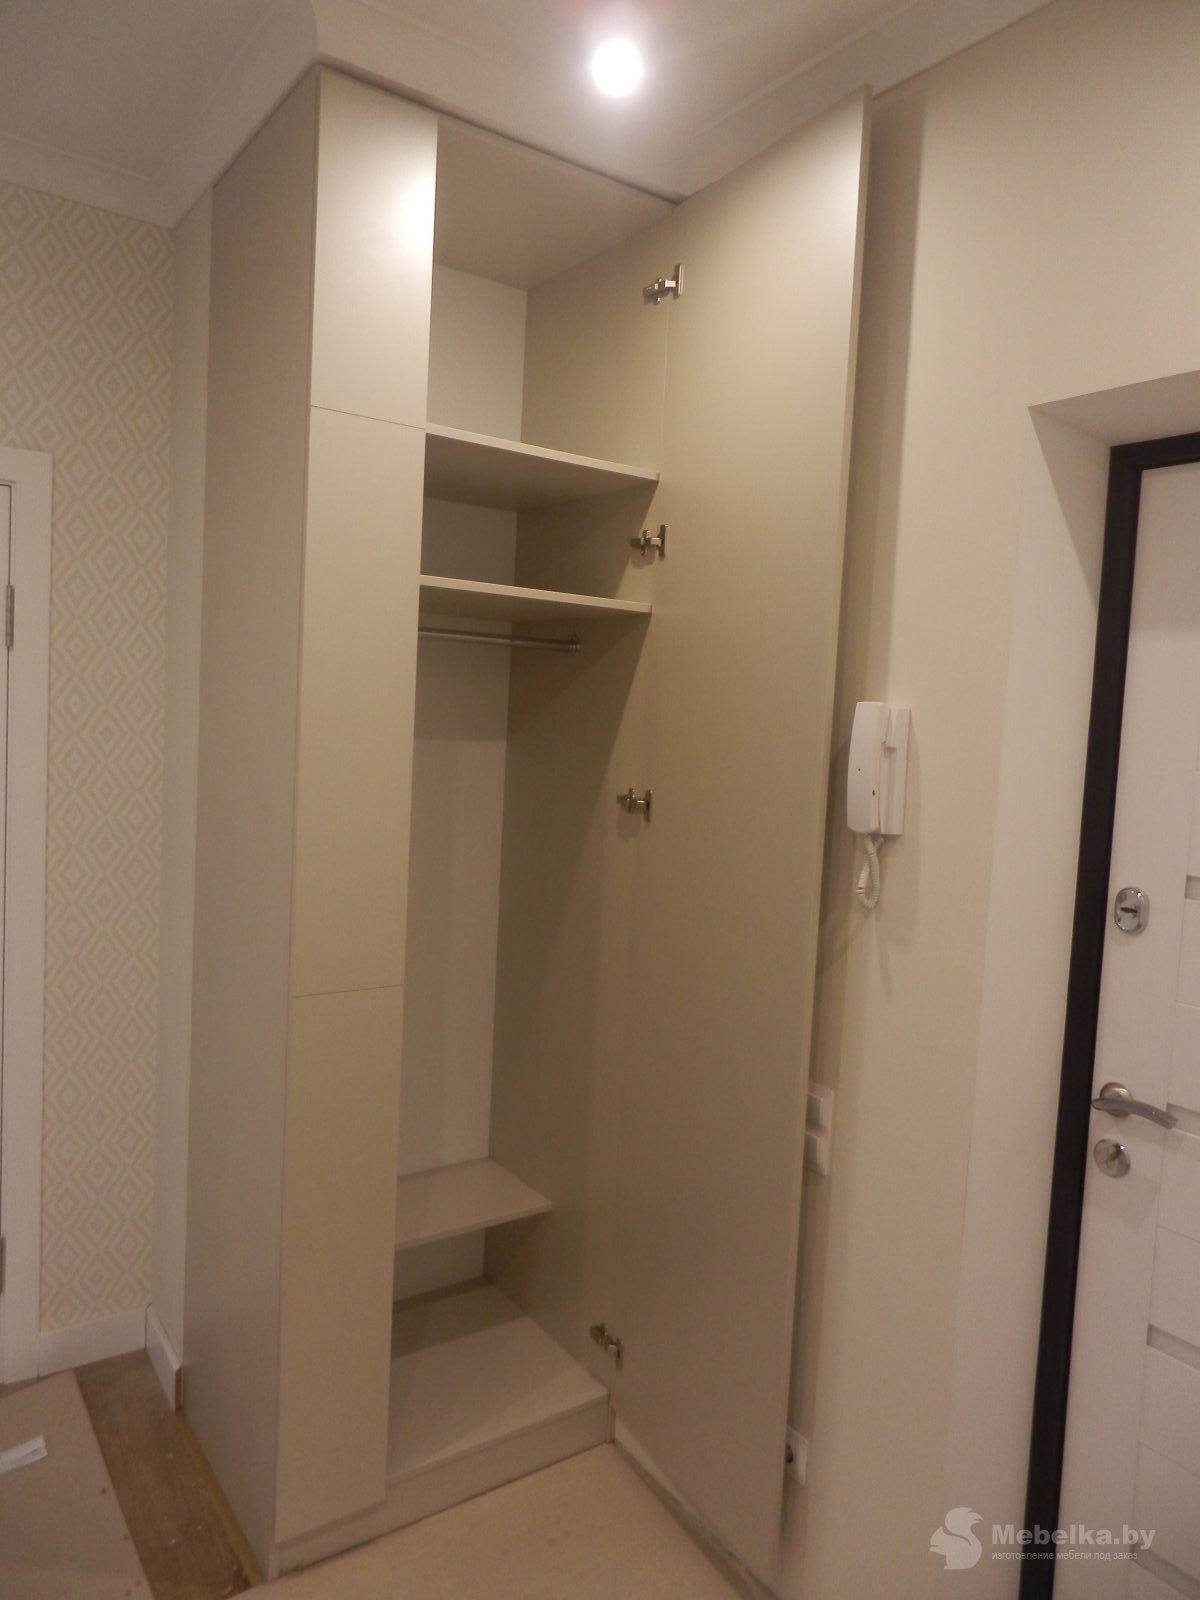 Одностворчатый шкаф в прихожей вид 2